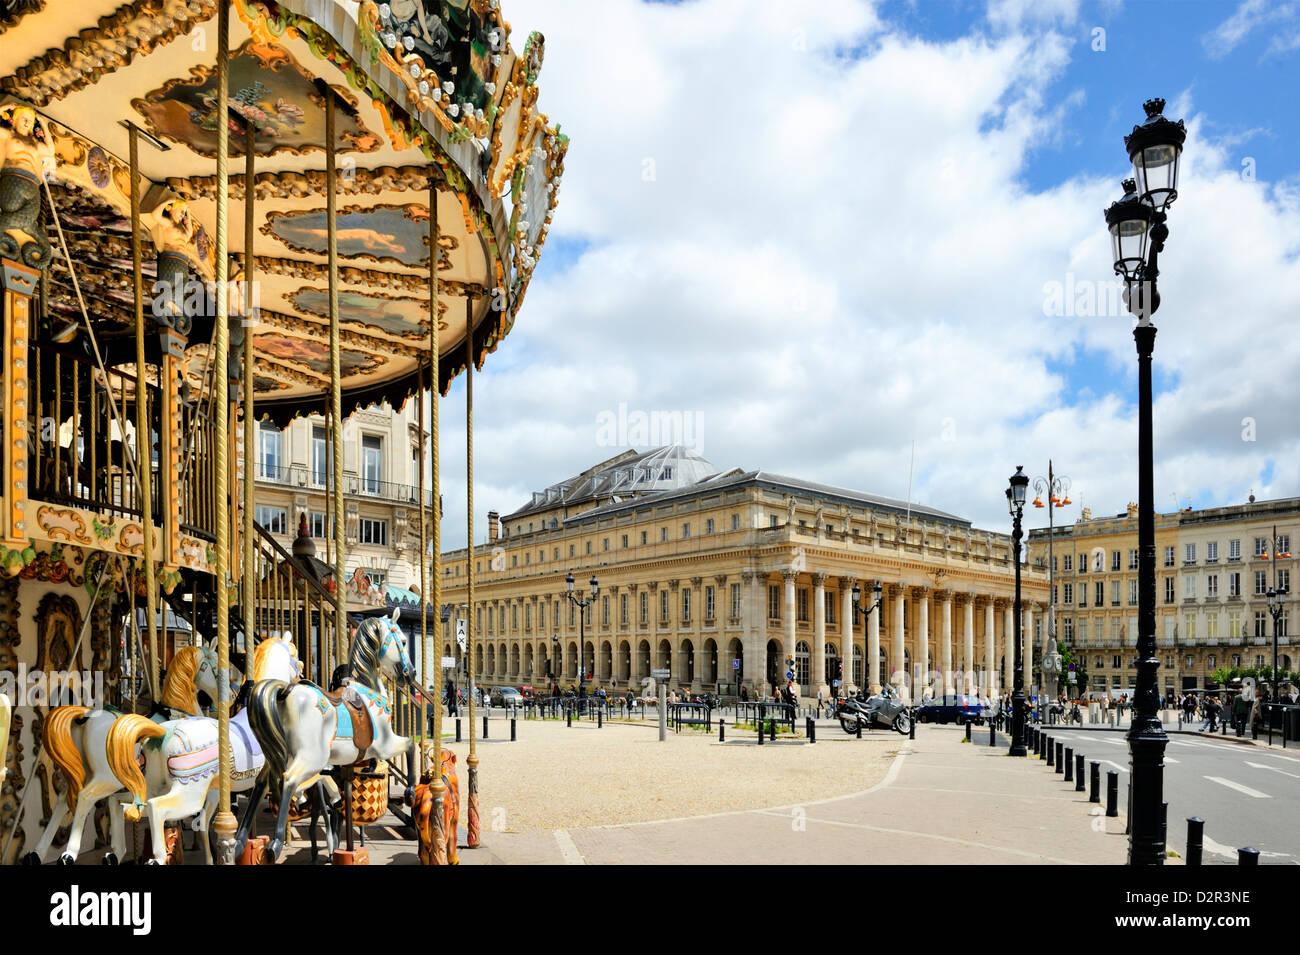 Merry go round sur les allées de Tourny à l'égard de l'Opéra National, Bordeaux, Gironde, Photo Stock